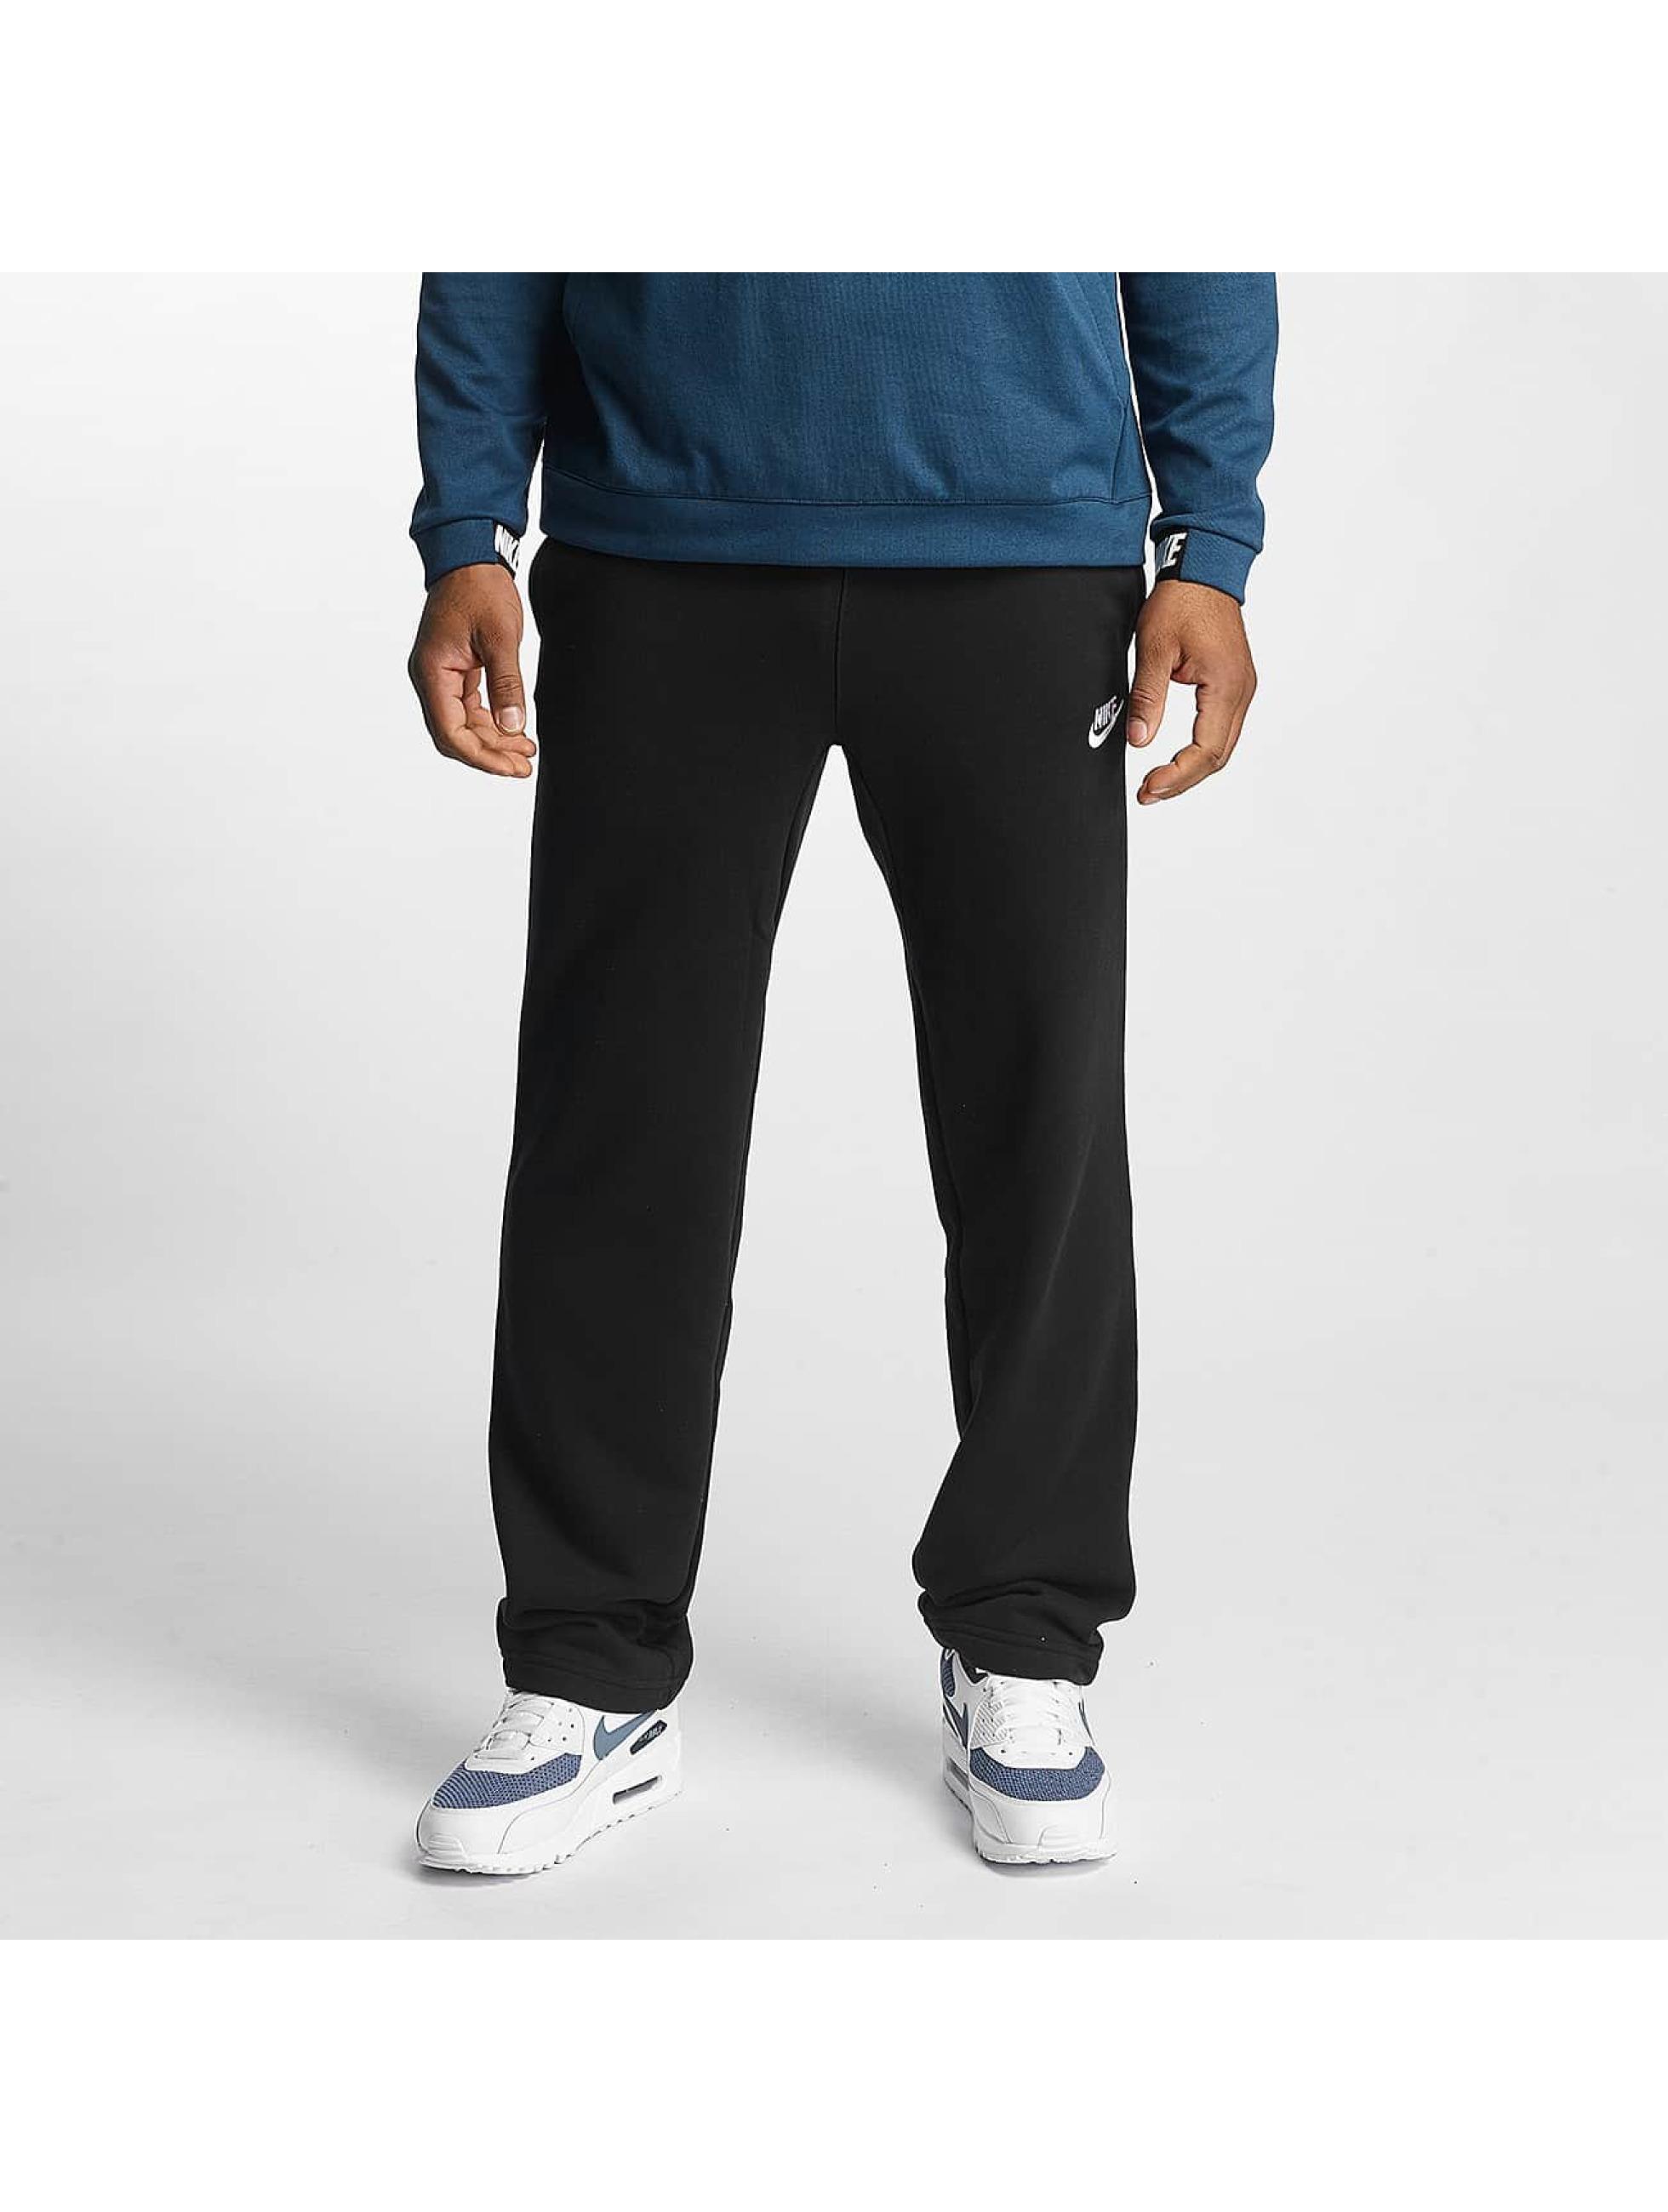 Nike Männer Jogginghose OH FT Club in schwarz